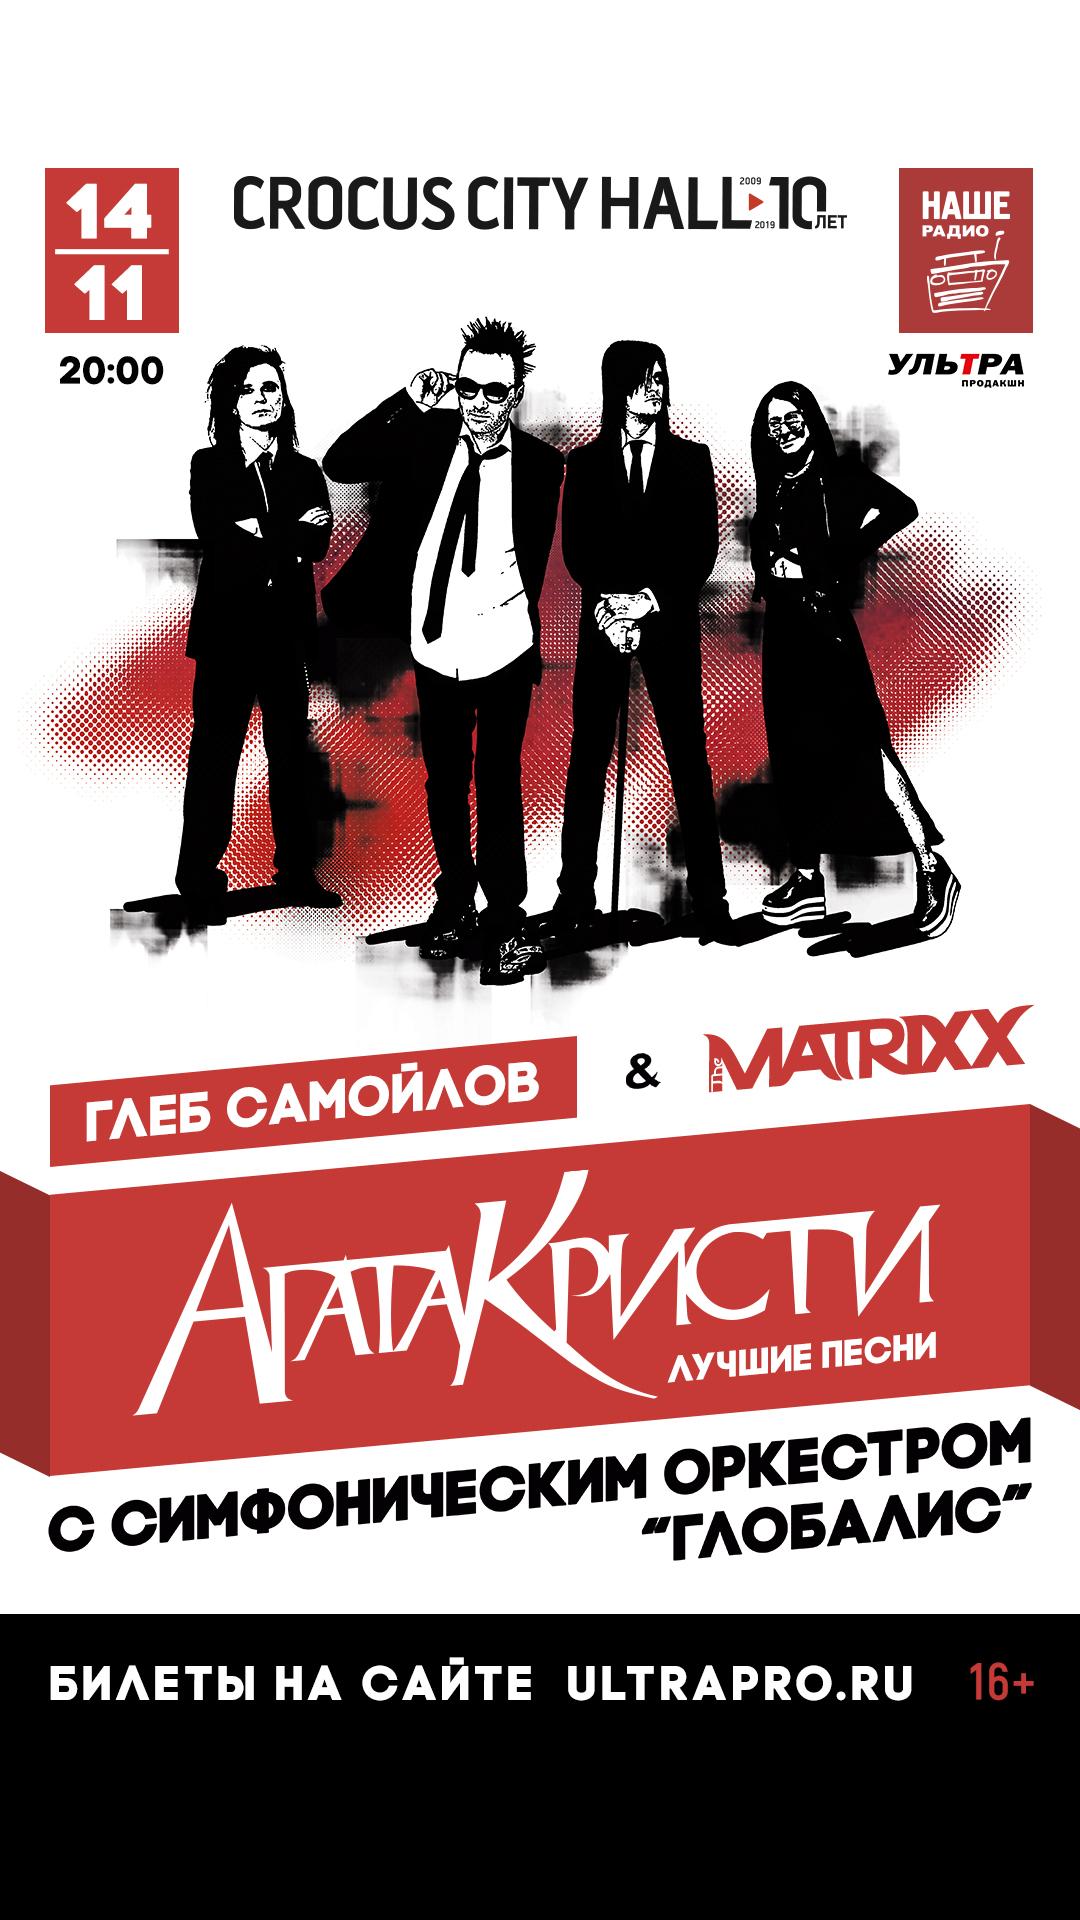 Москва (в сопровождении симфонического оркестра) @ Crocus City Hall